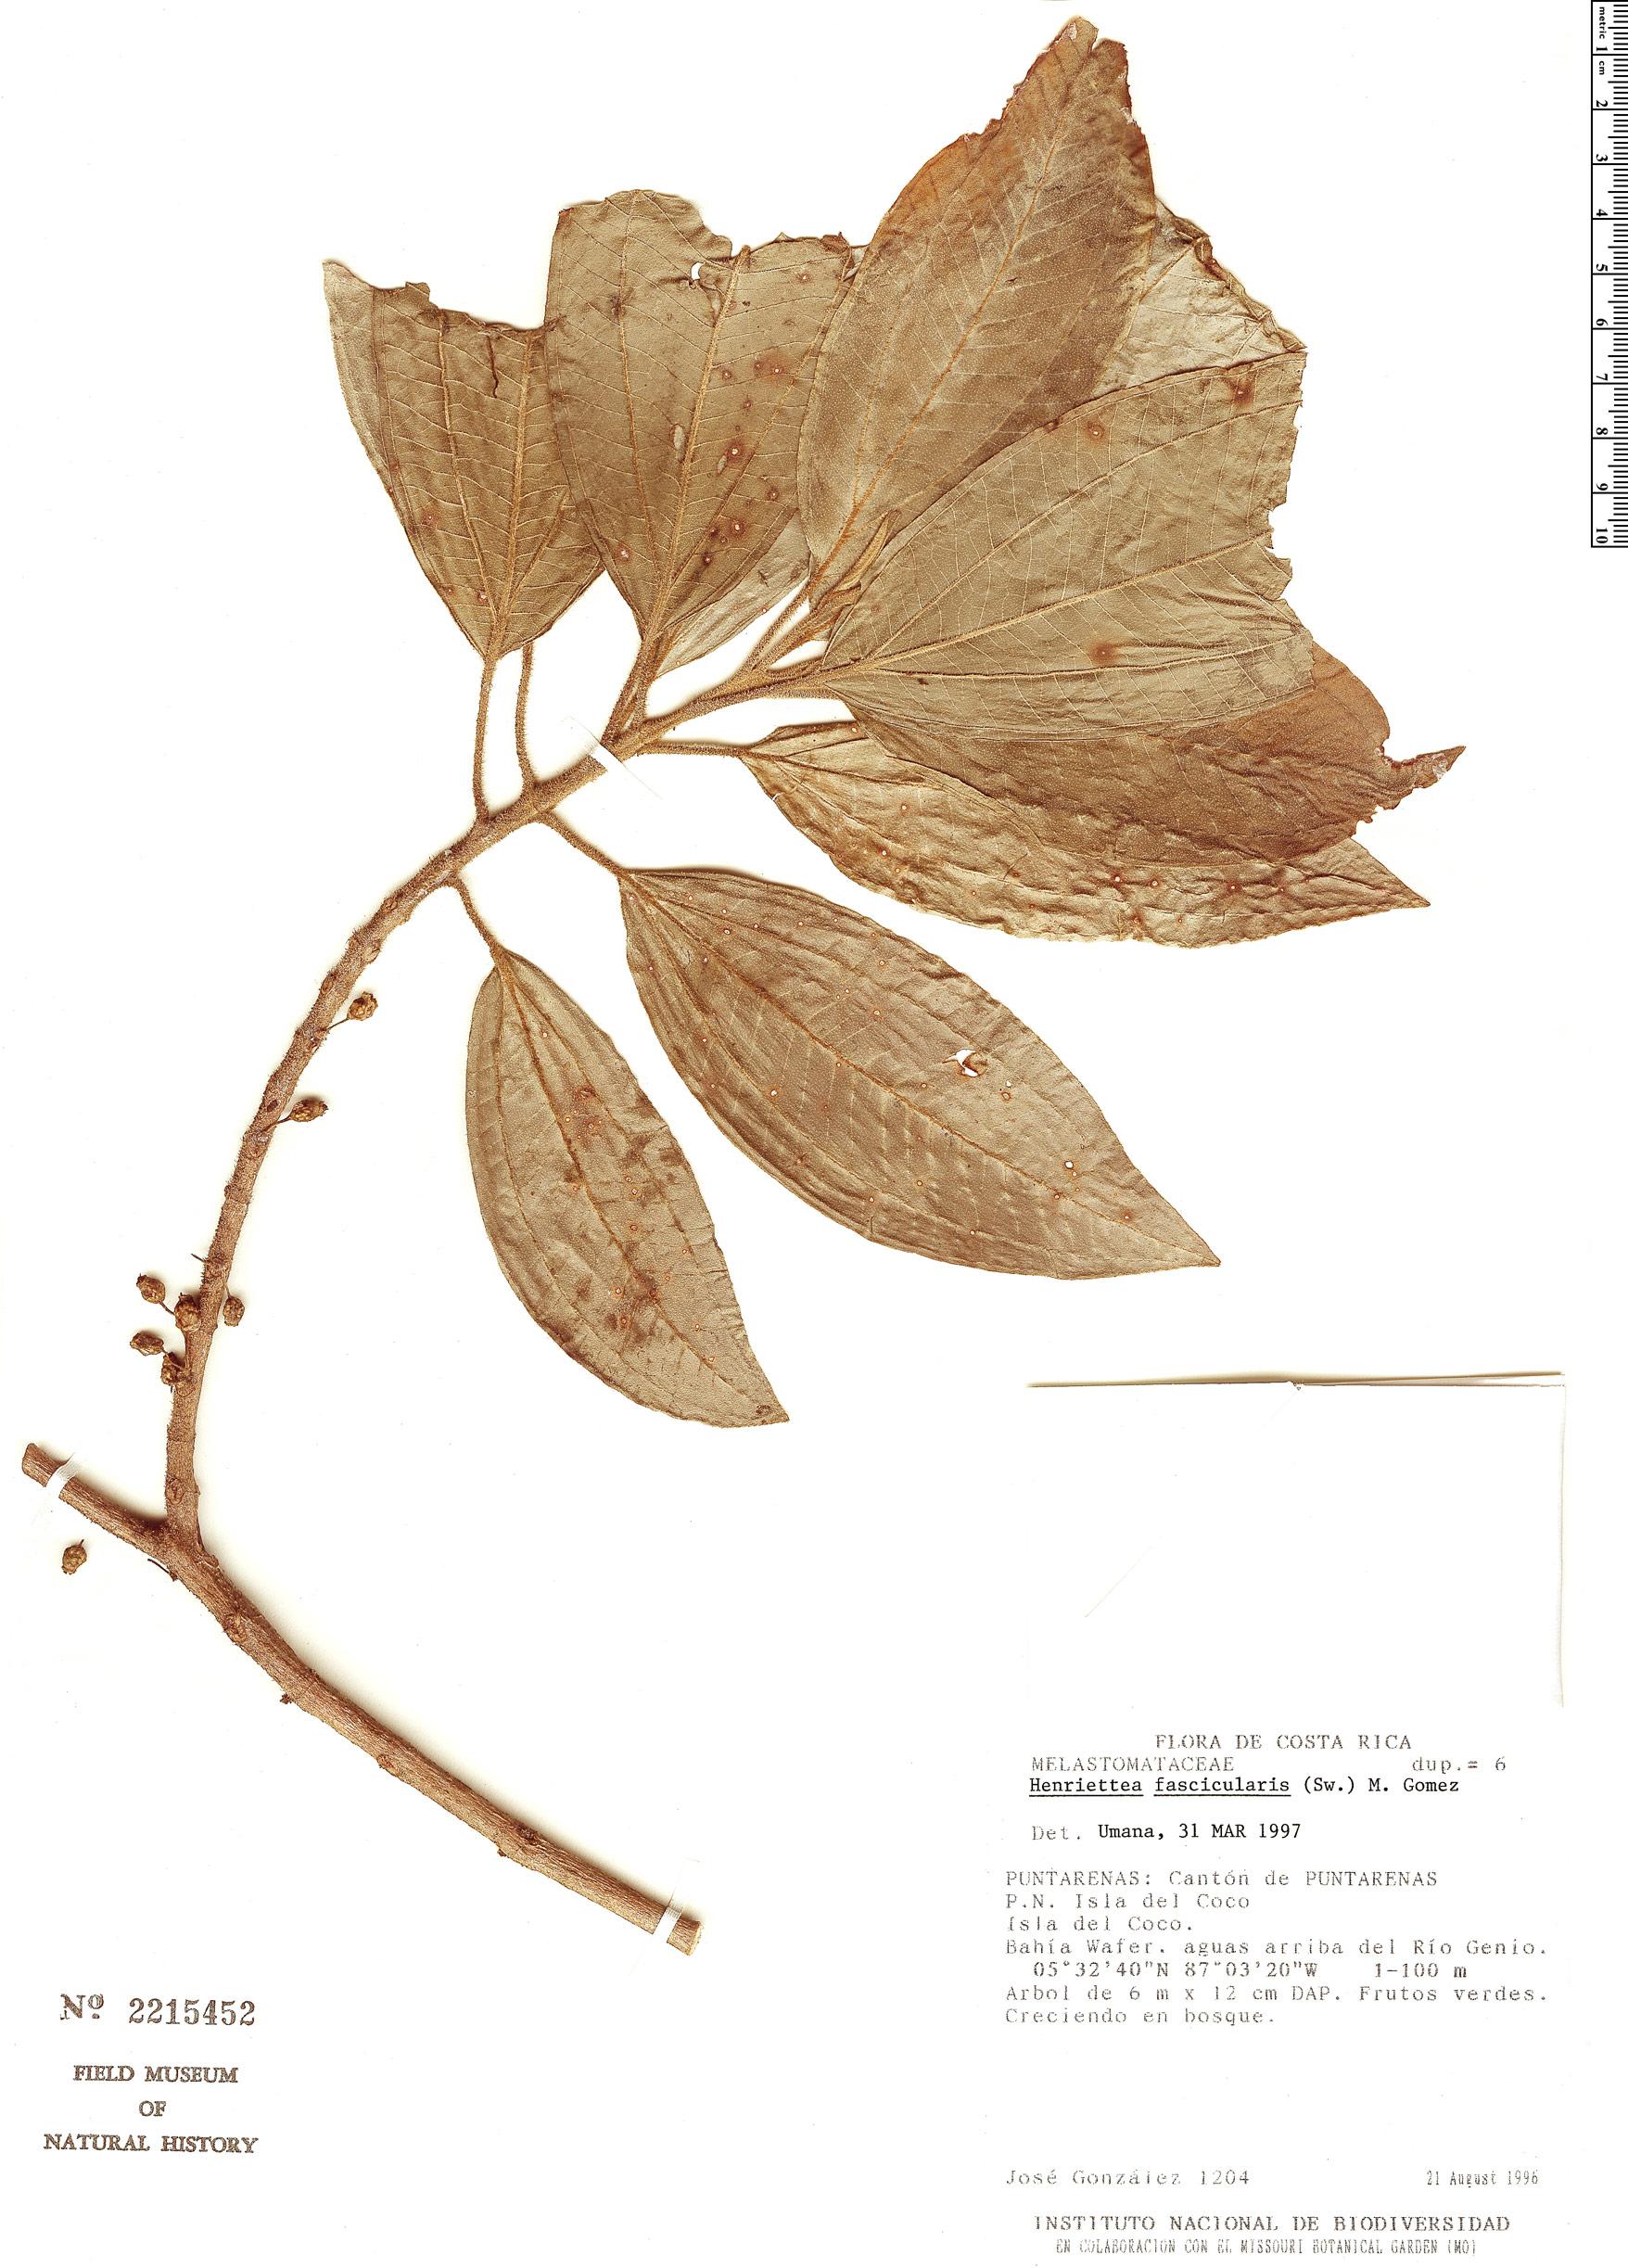 Specimen: Henriettea fascicularis